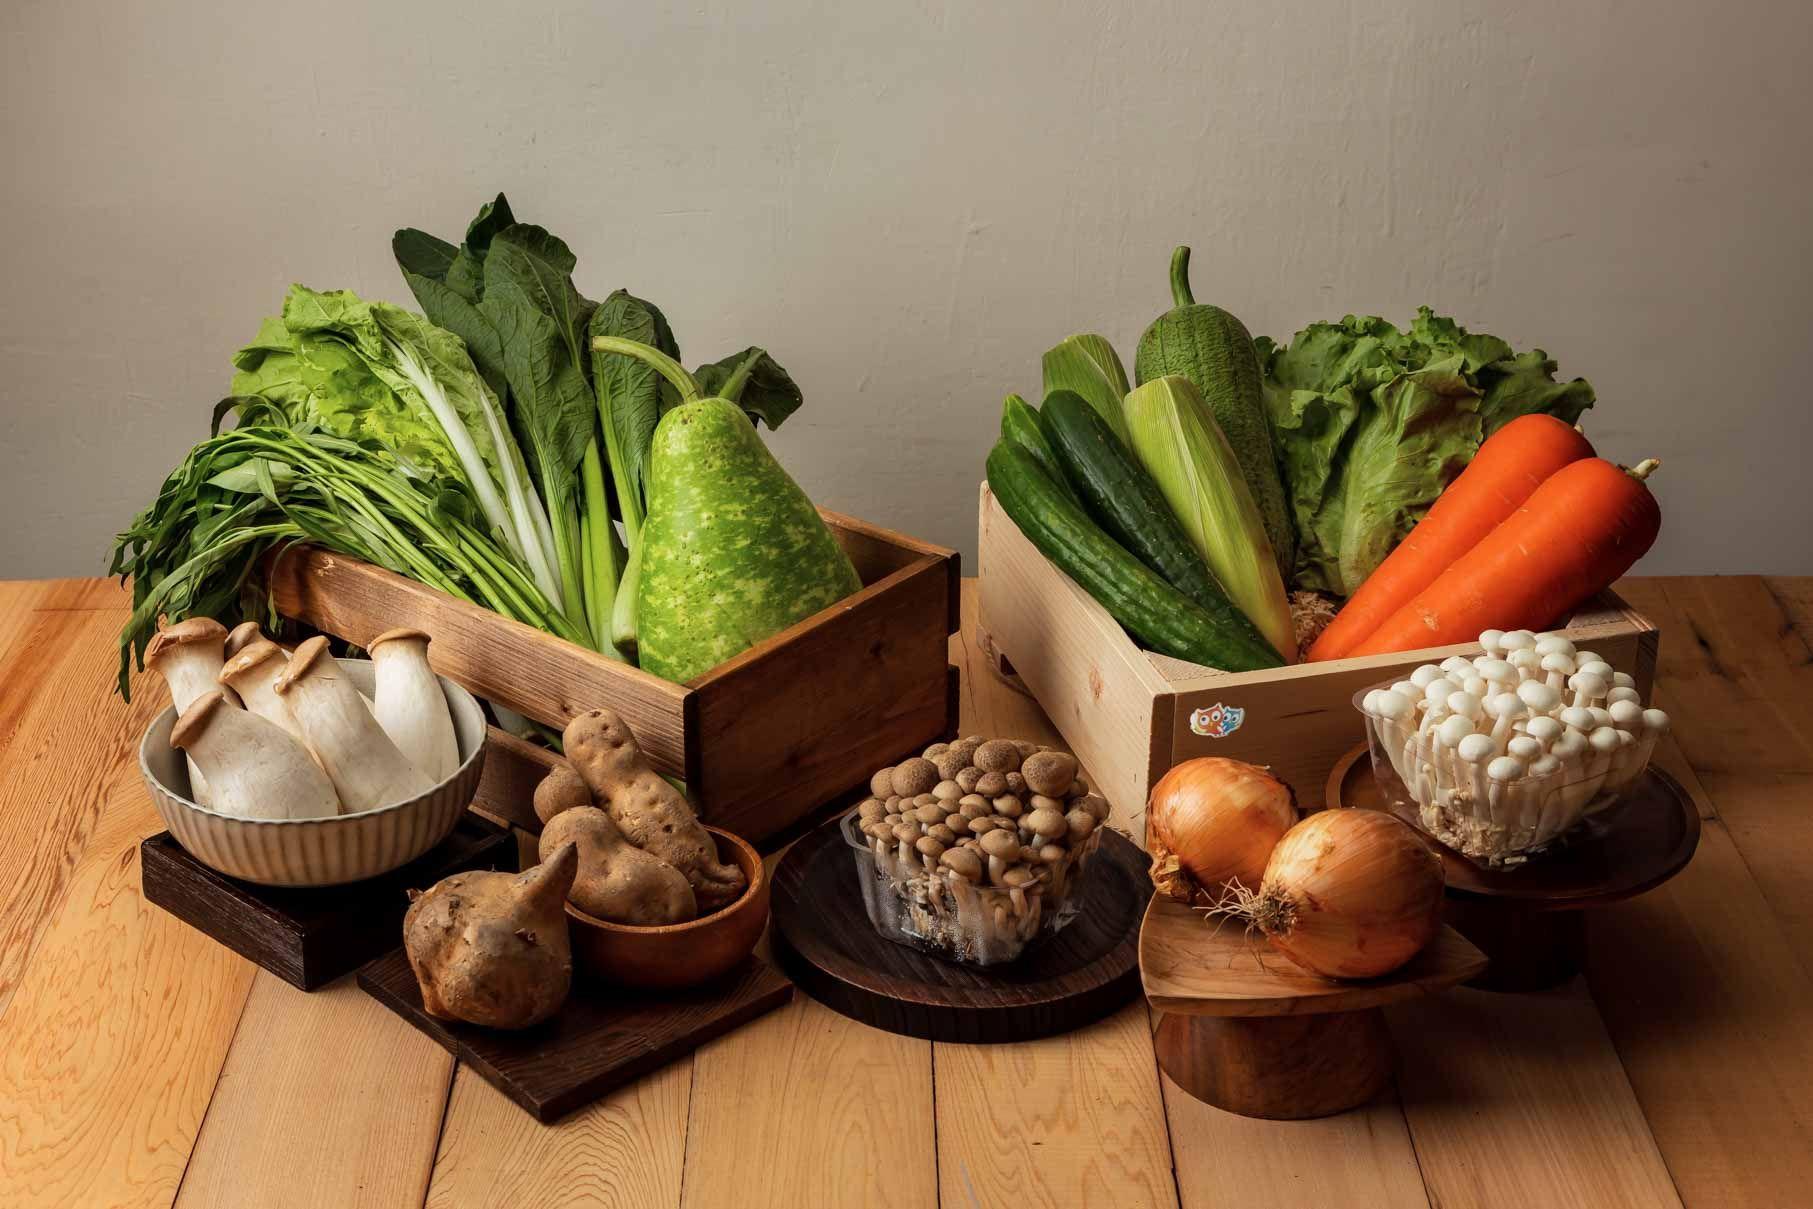 三級警戒延長蔬果囤貨怎麼保存?奧丁丁市集推出全新蔬菜箱,官網下訂食材新鮮到府